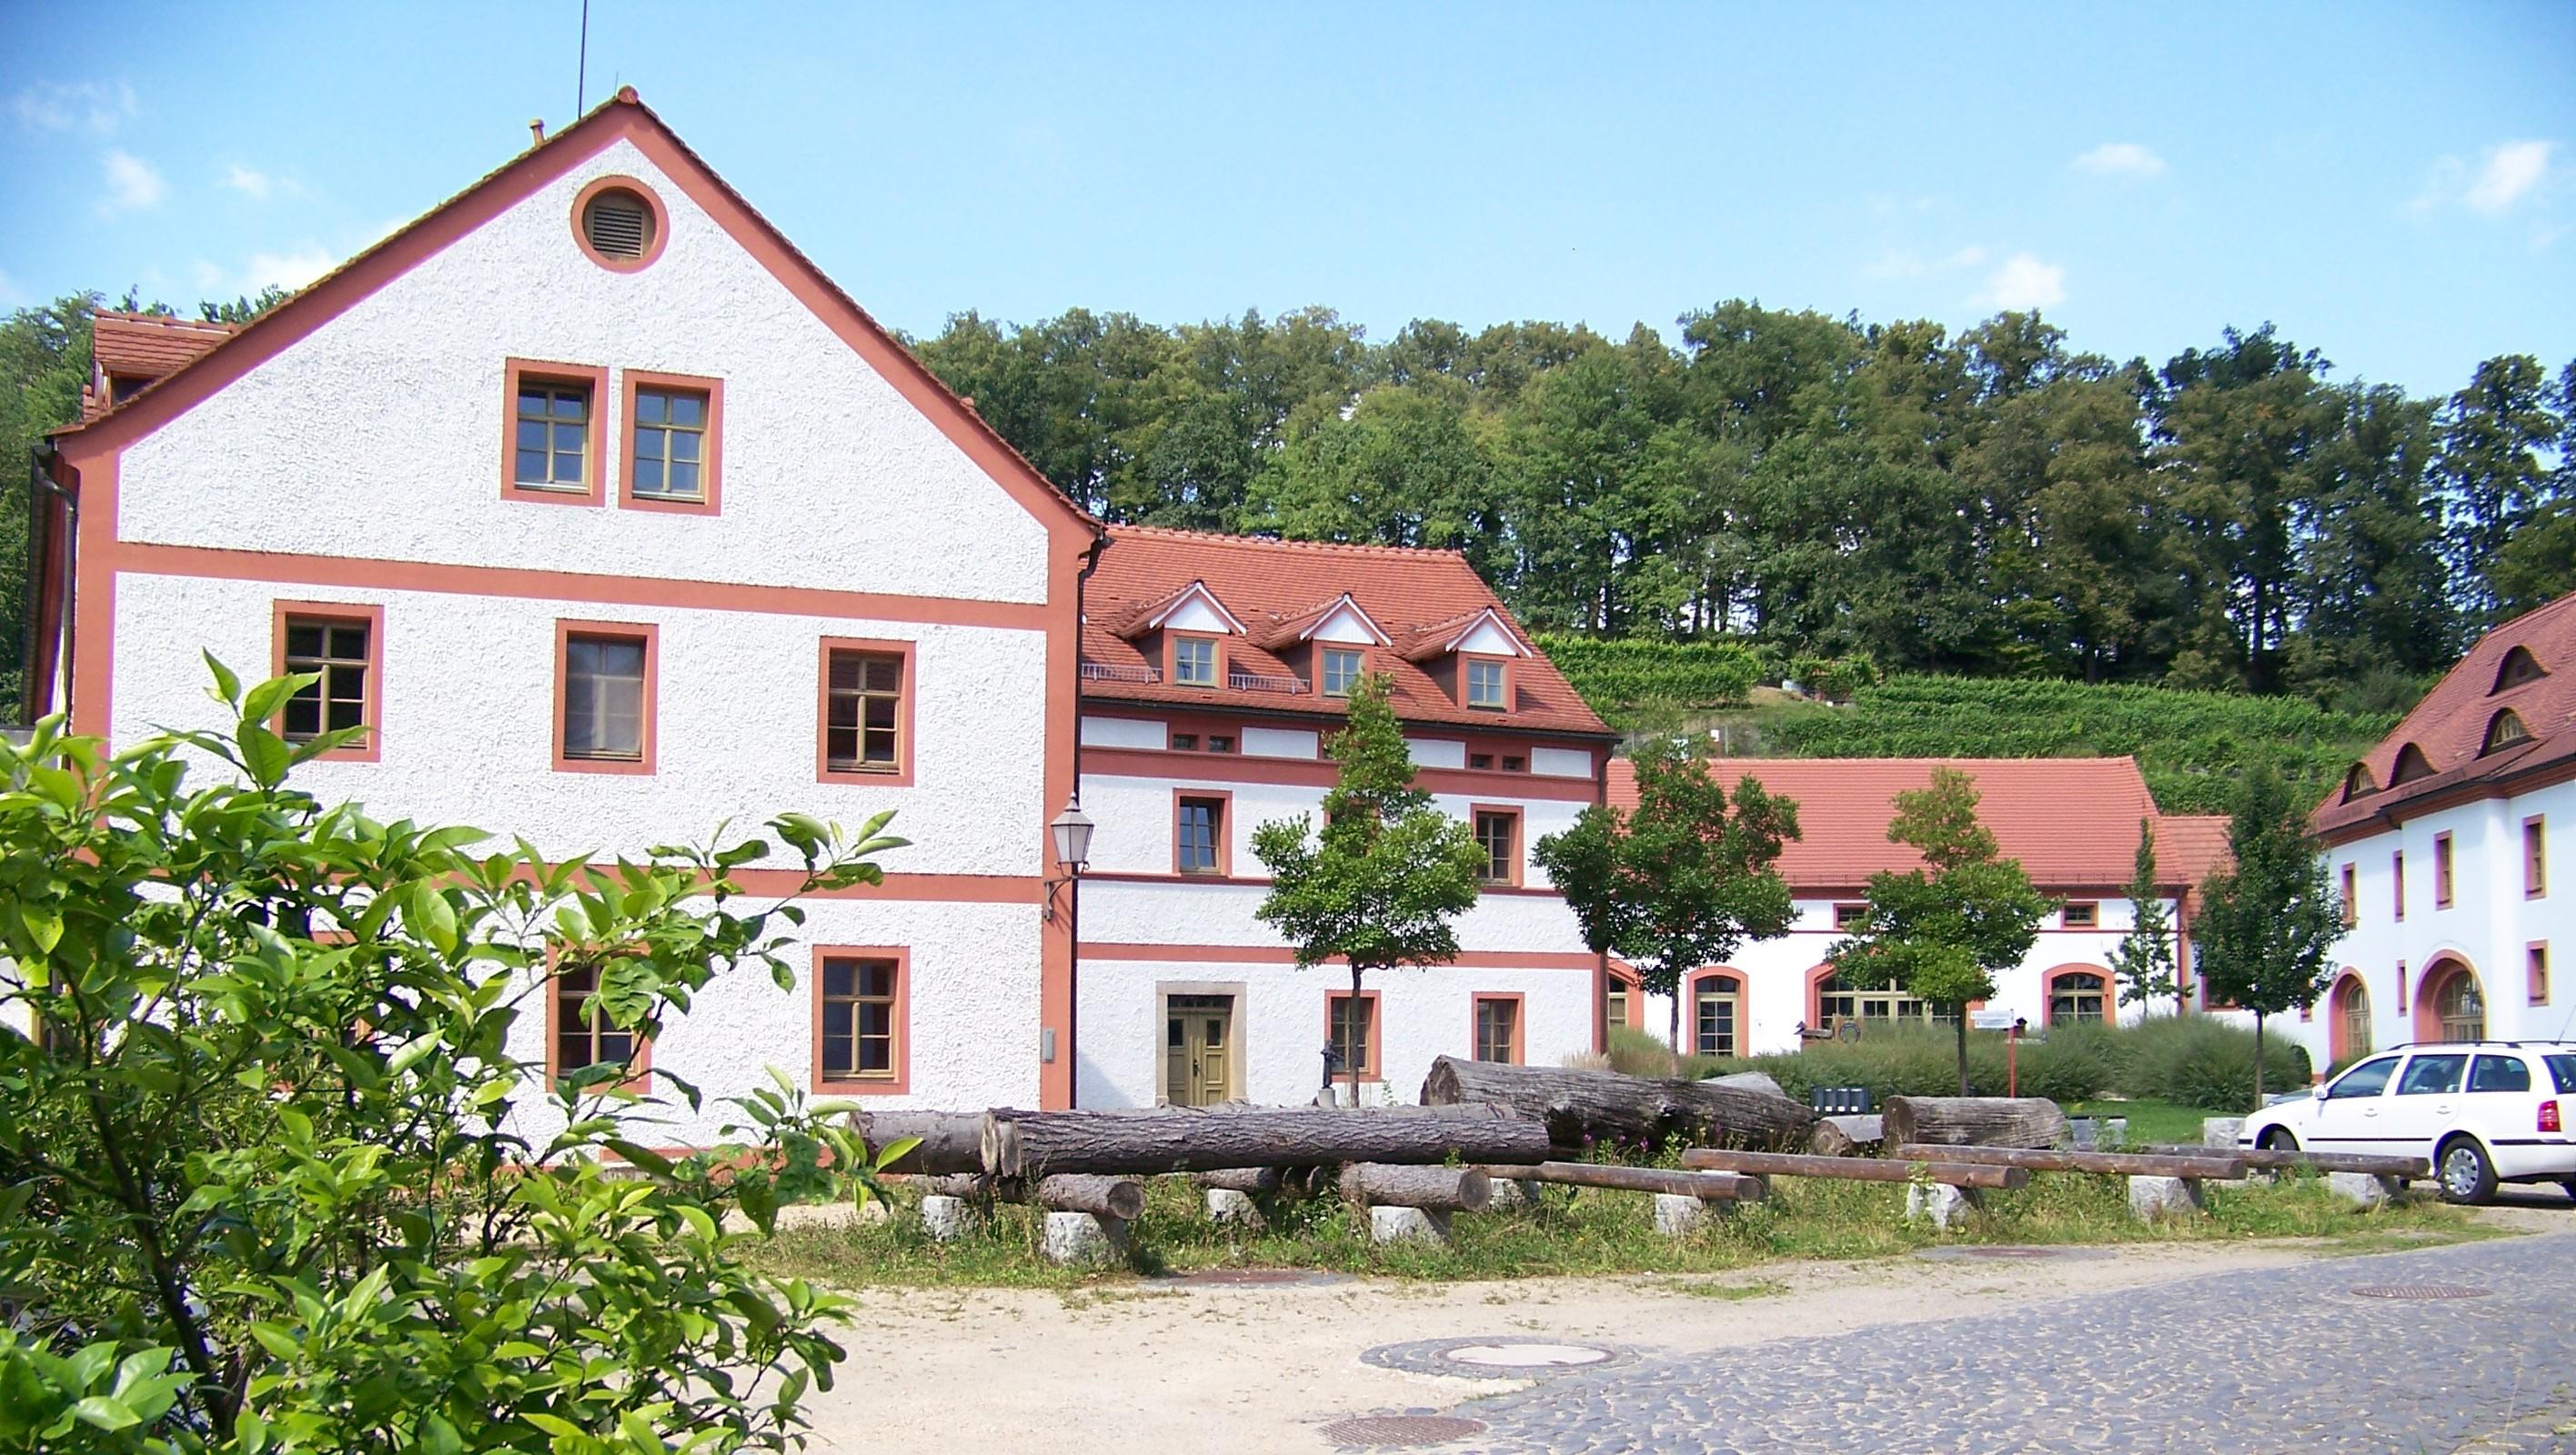 Gästehaus St. Franziskus